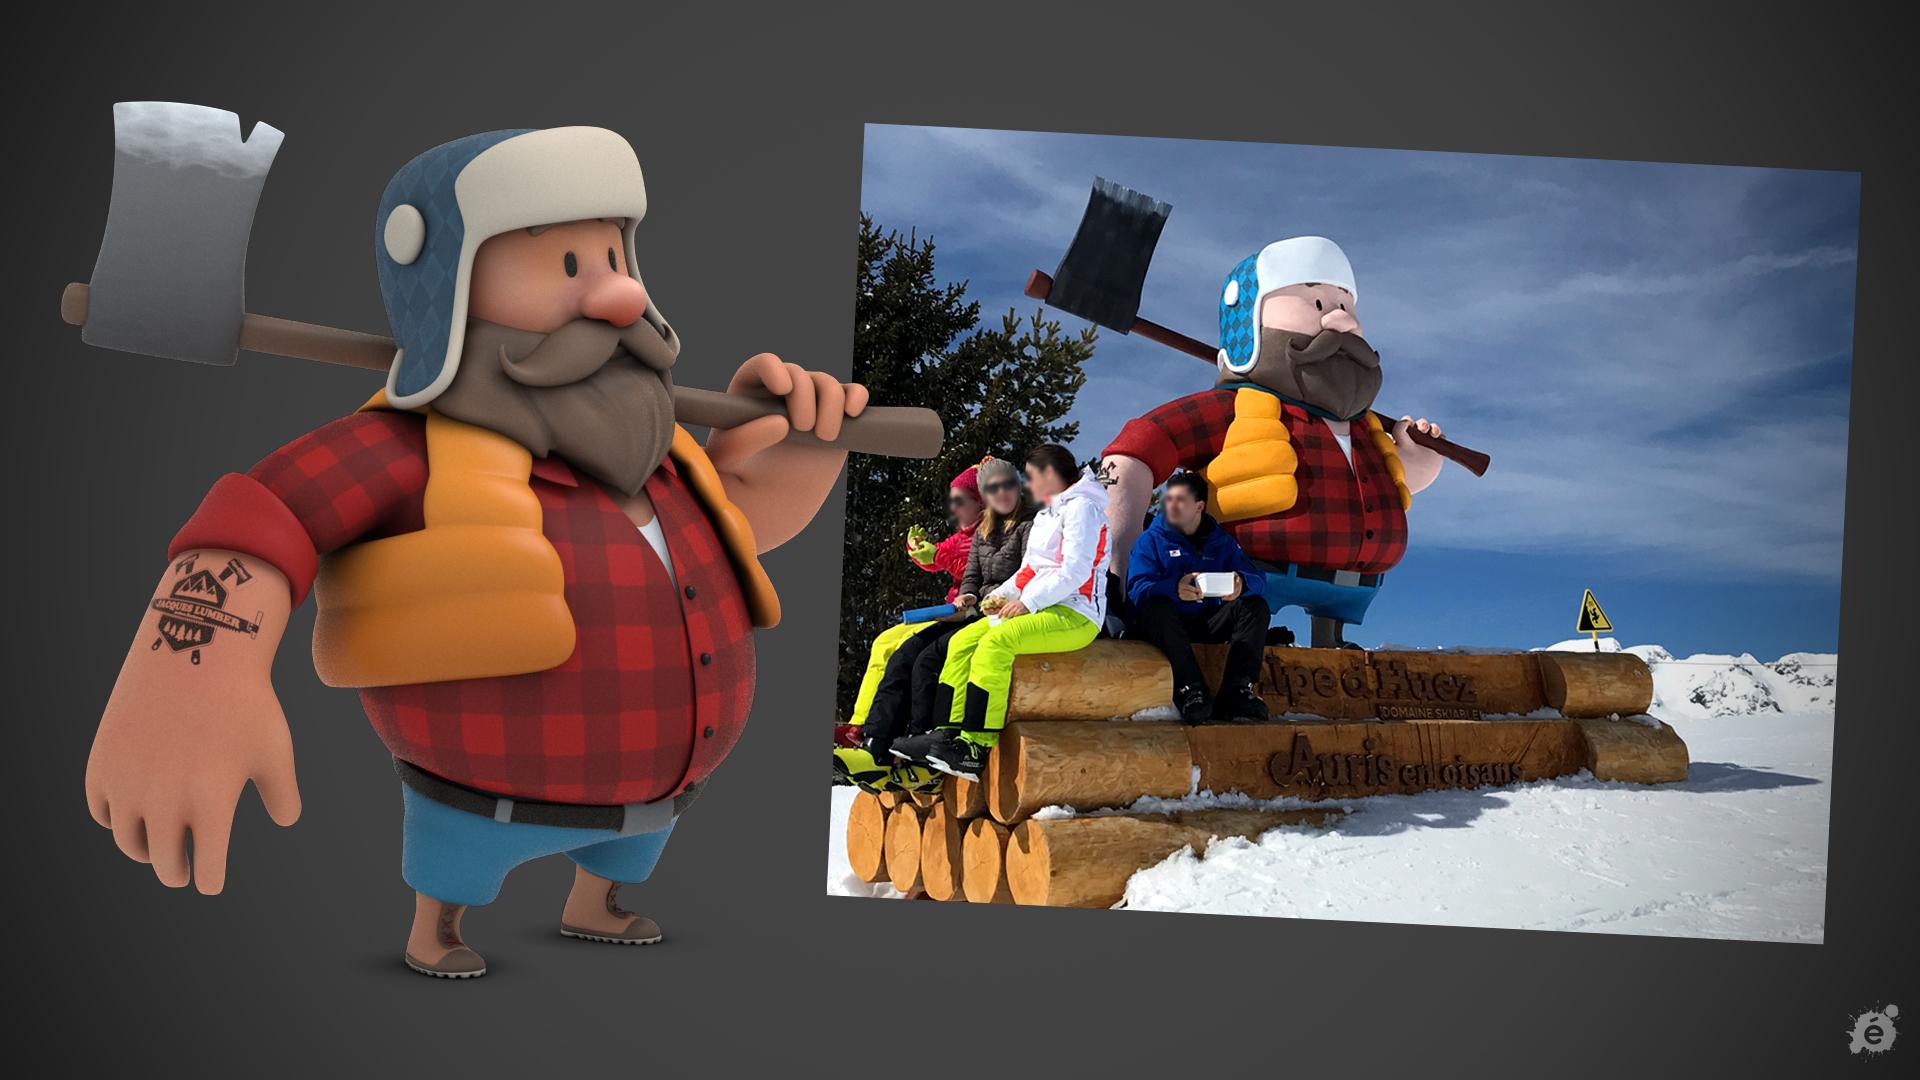 utilisation d'un personnage 3D dans la création d'une sculpture